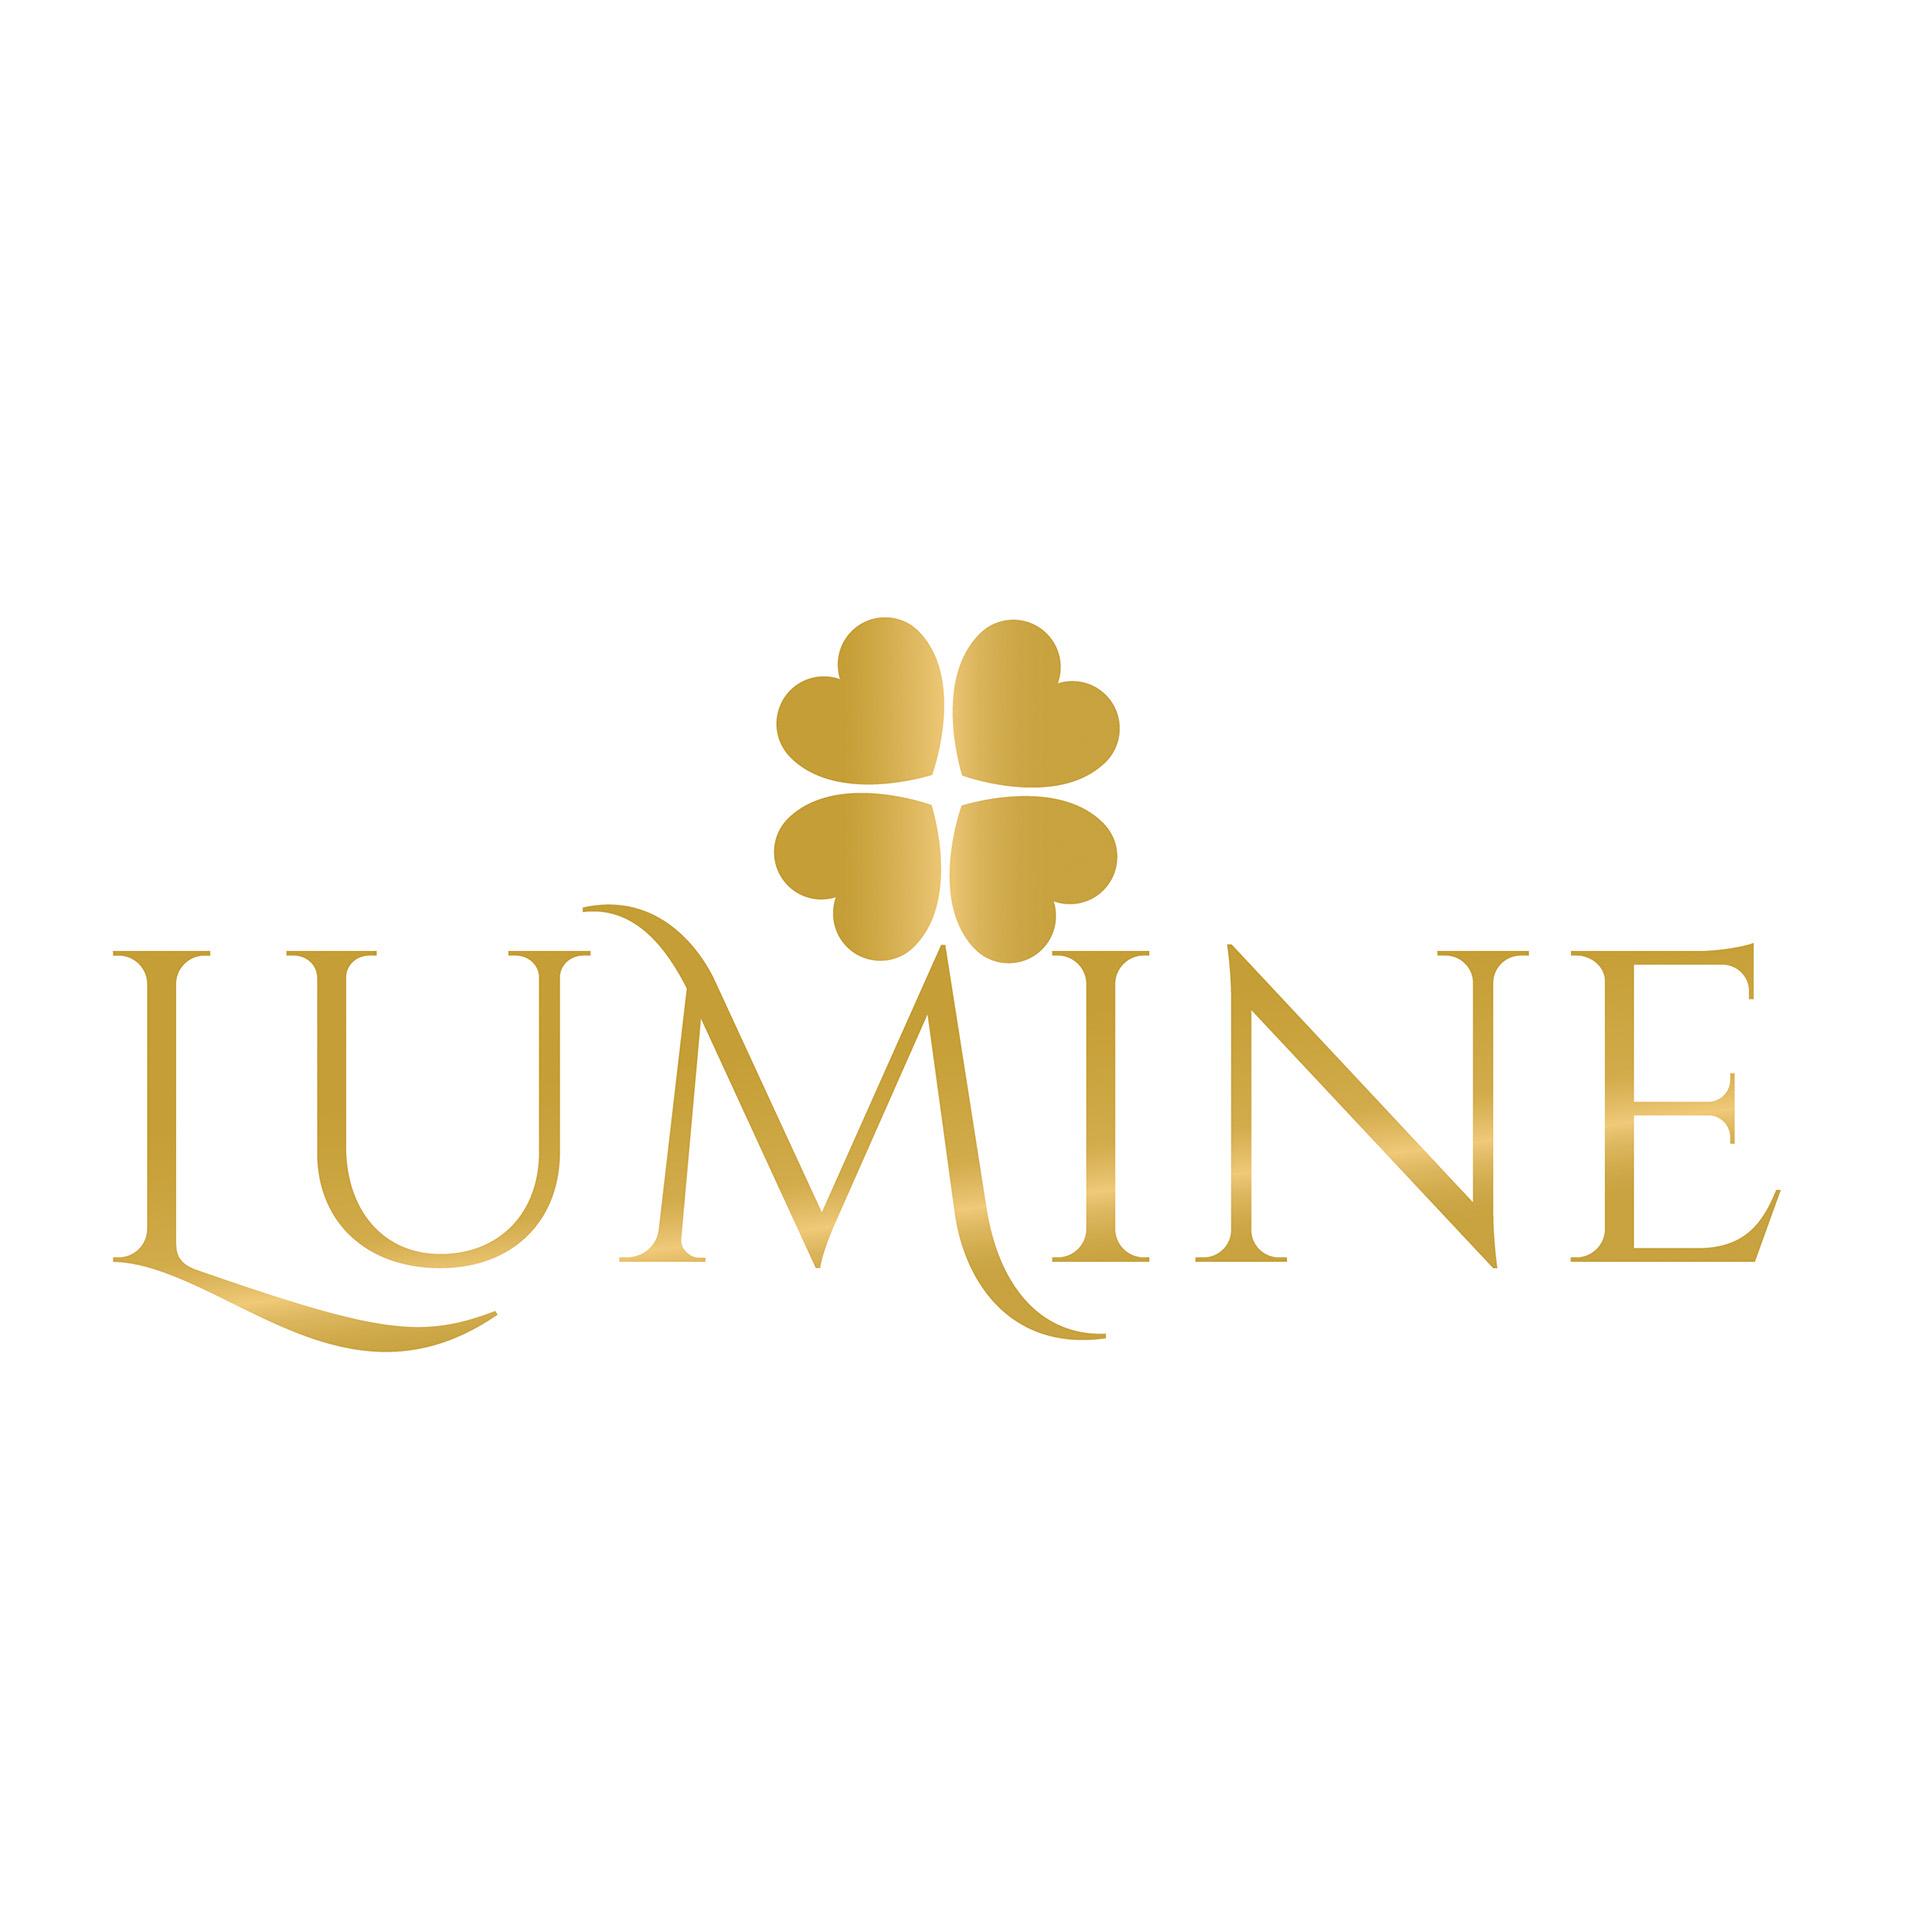 LUMINE